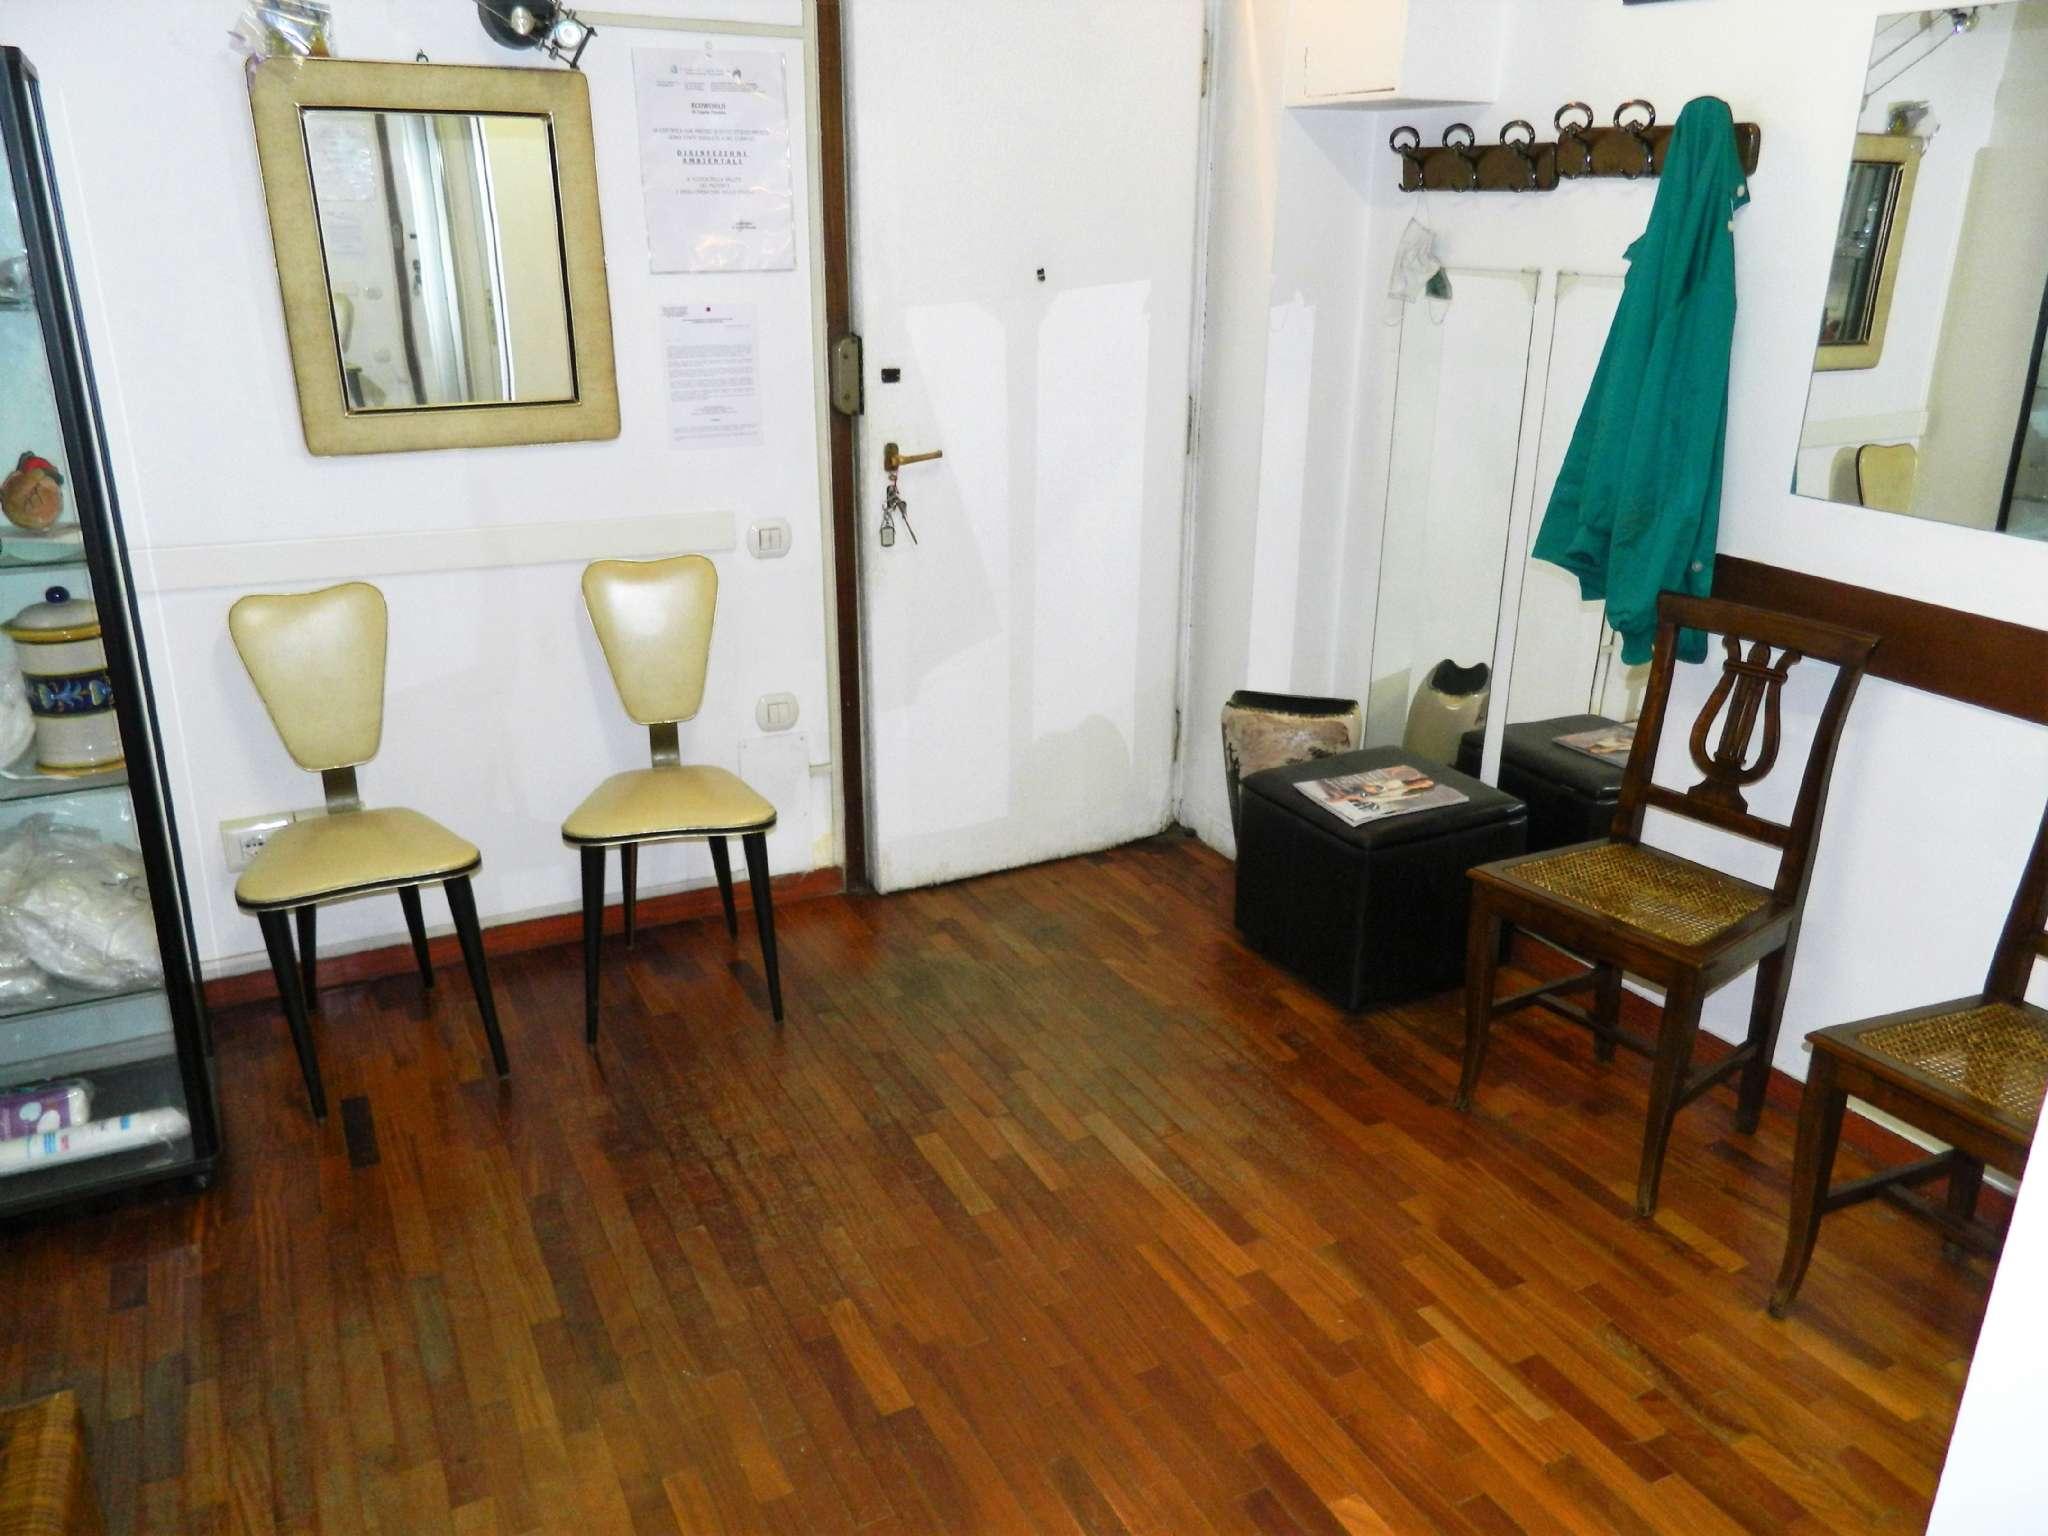 Ufficio-studio in Vendita a Milano 25 Cassala / Famagosta / Lorenteggio / Barona: 2 locali, 39 mq